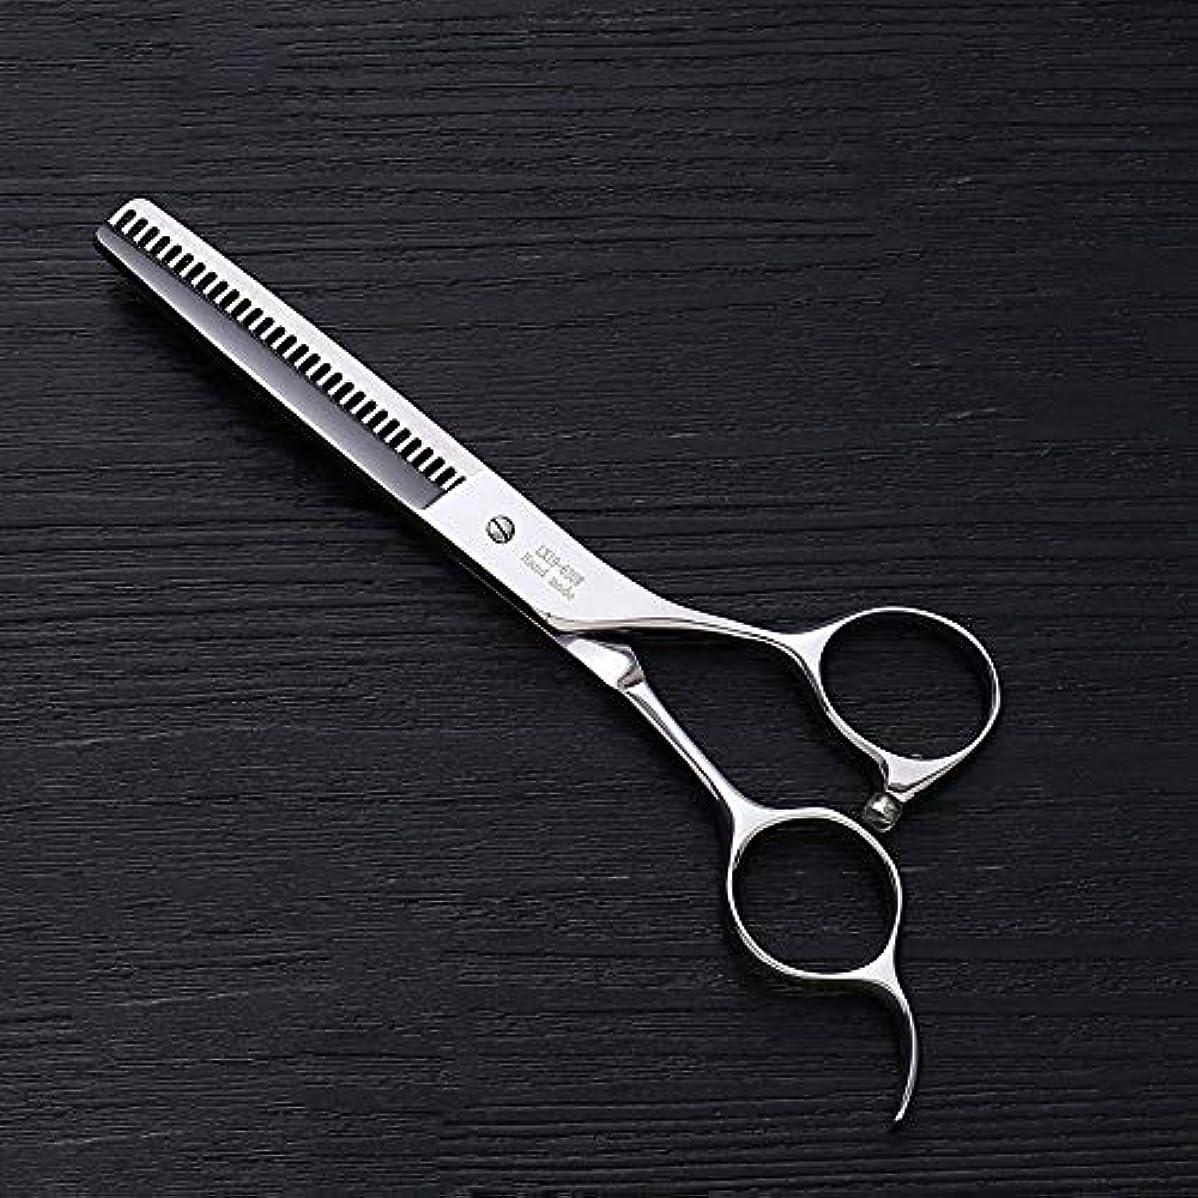 イタリアの十分なやさしく6.0インチプロフェッショナルアントラー歯ステンレス鋼の歯はさみ理髪はさみヘアスタイリスト特別な理髪はさみ ヘアケア (色 : Silver)